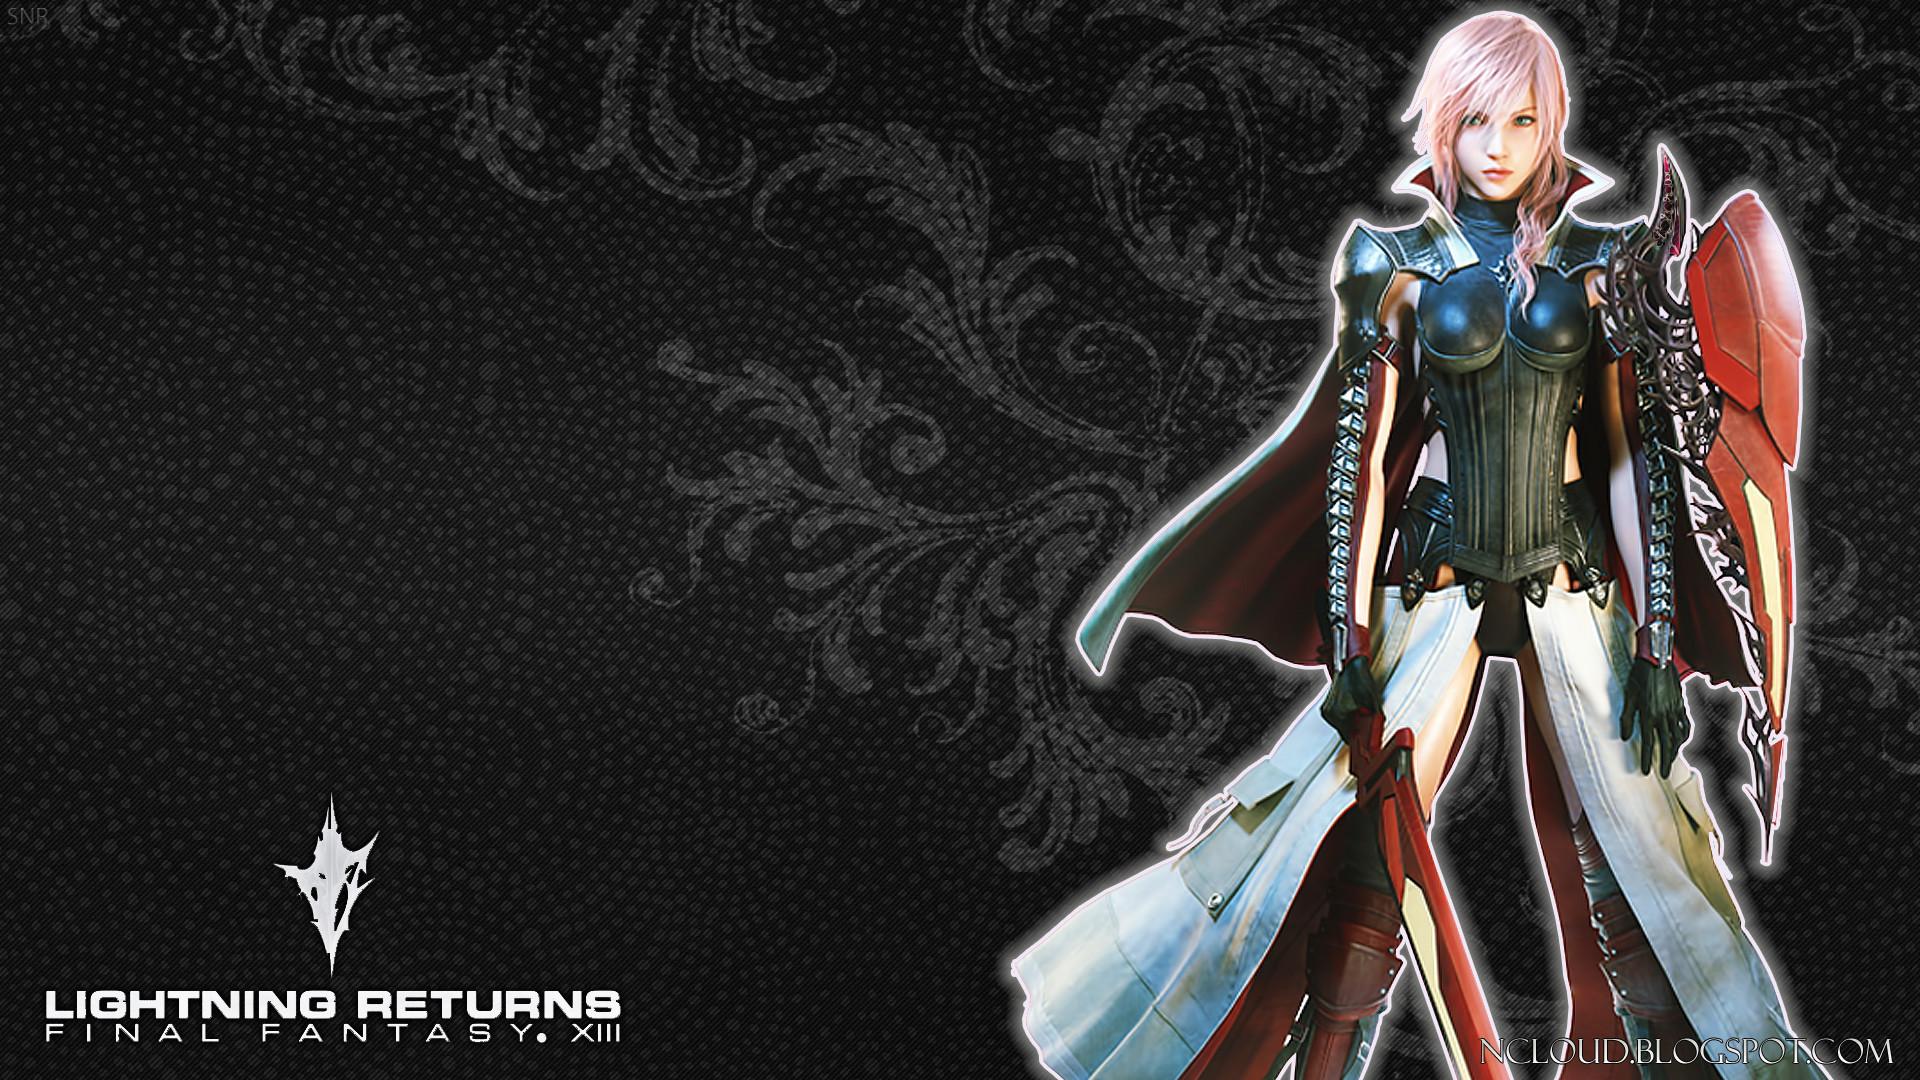 My Lightning Returns Final Fantasy XIII Wallpaper 4